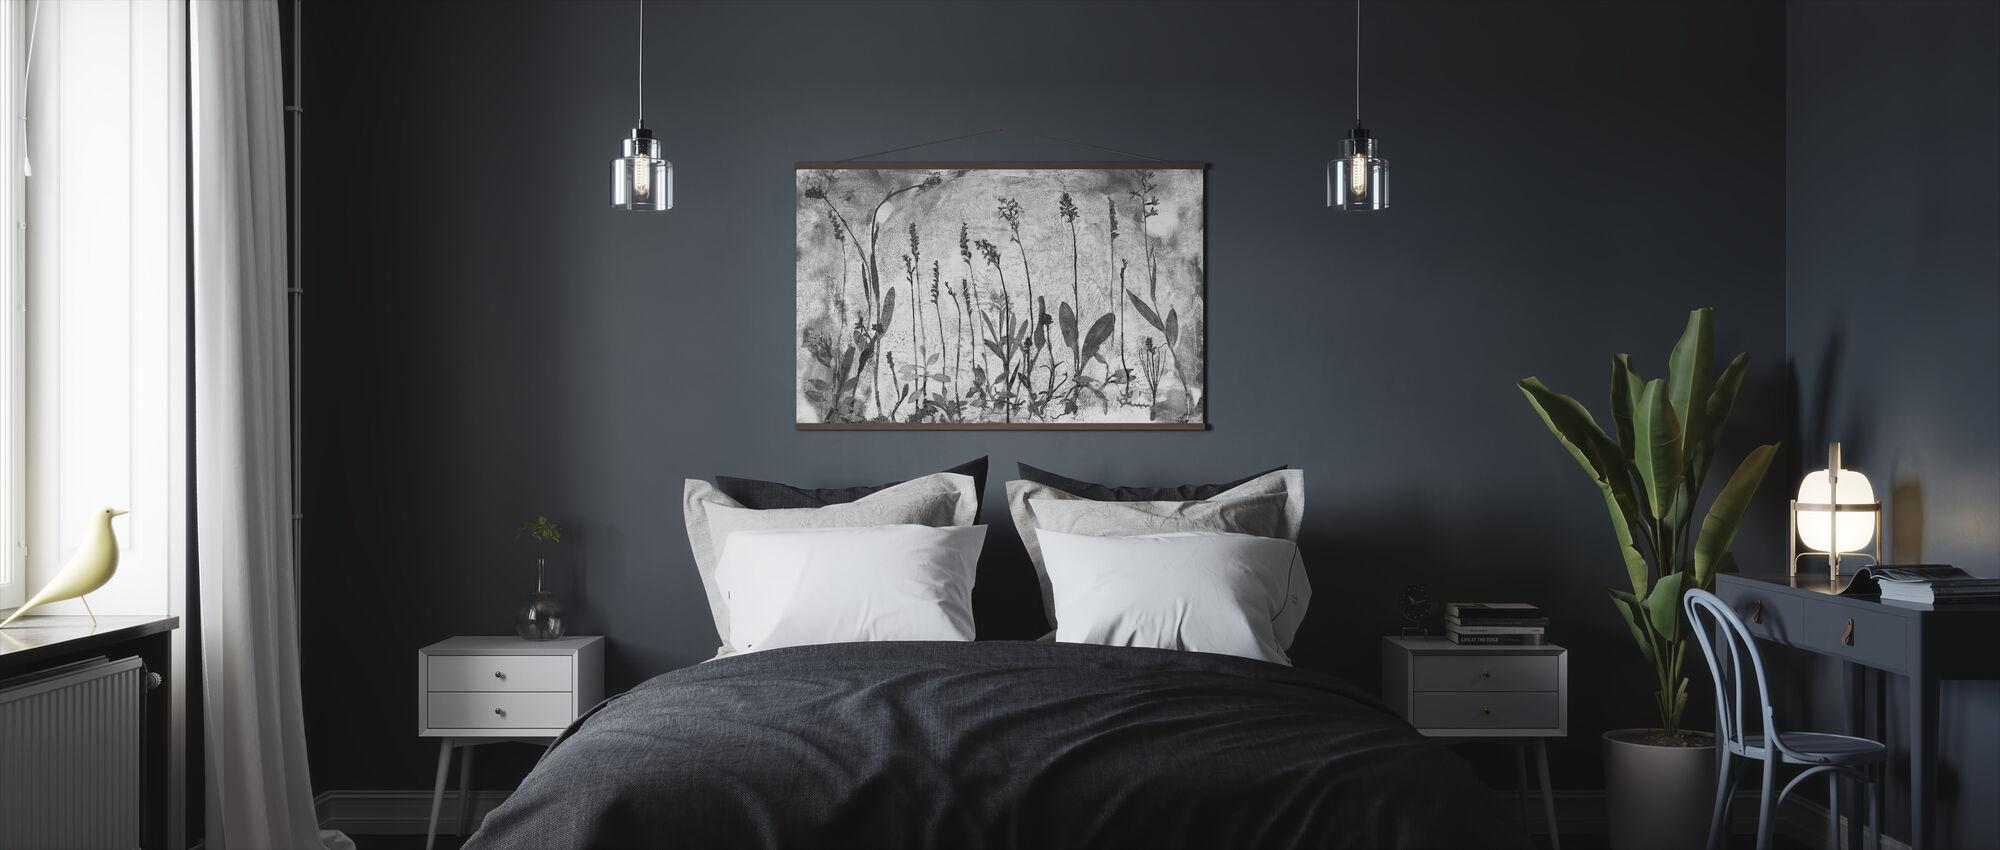 Orchidaceae - Poster - Bedroom